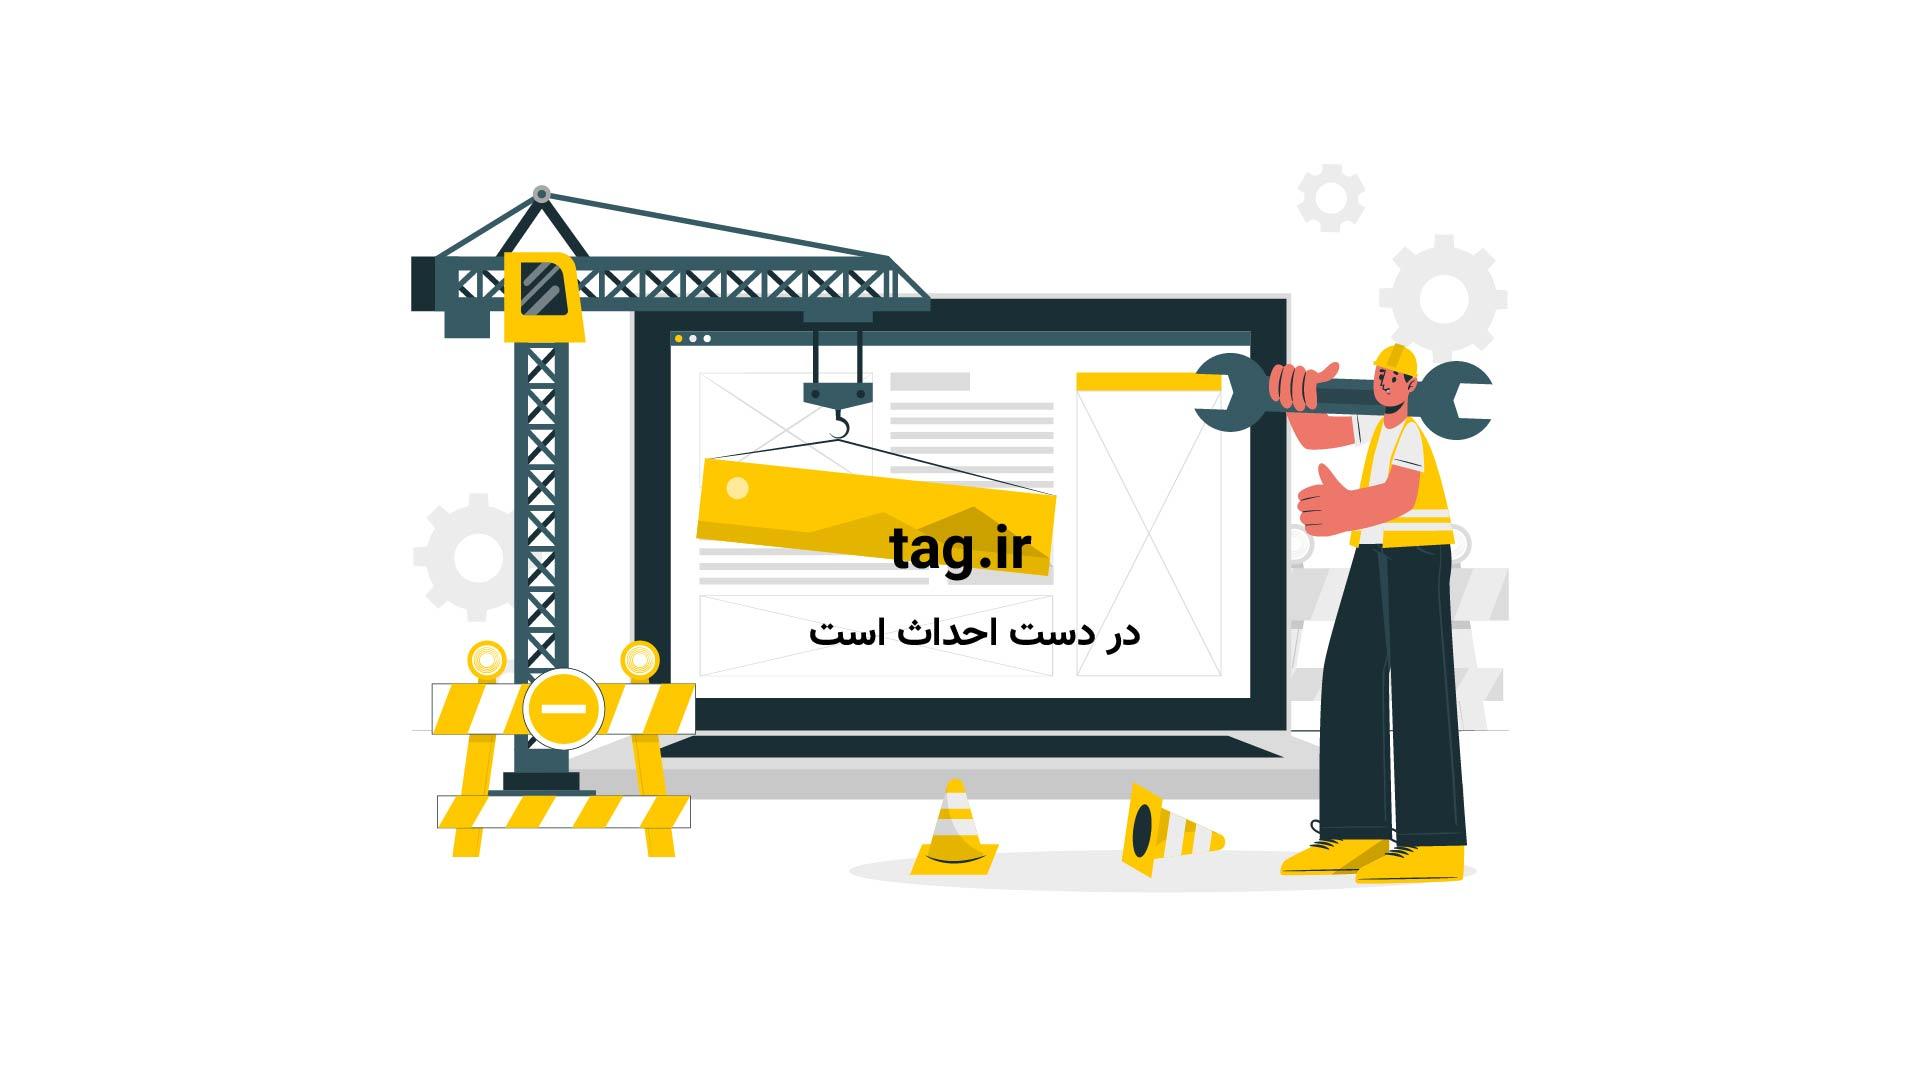 آموزش رسم سه بعدی شکلات اسنیکرز بر روی کاغذ | فیلم